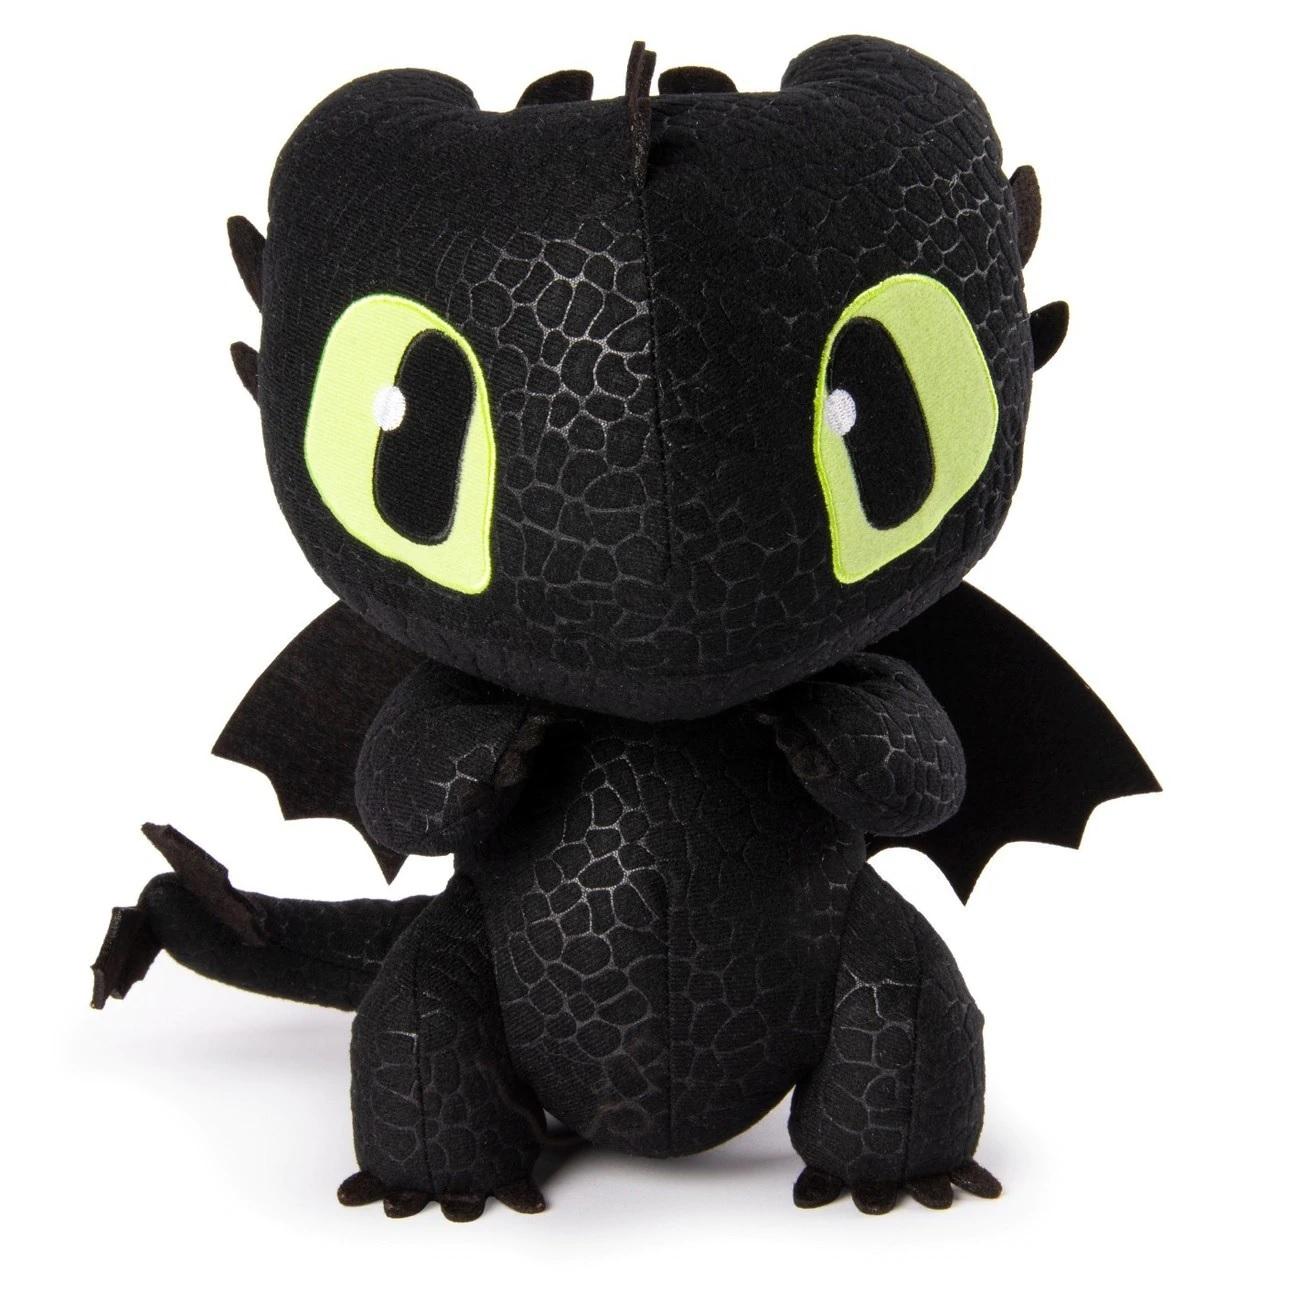 Купить Мягкая игрушка Как приручить дракона-3 - Беззубик, звук, 25 см, Spin Master